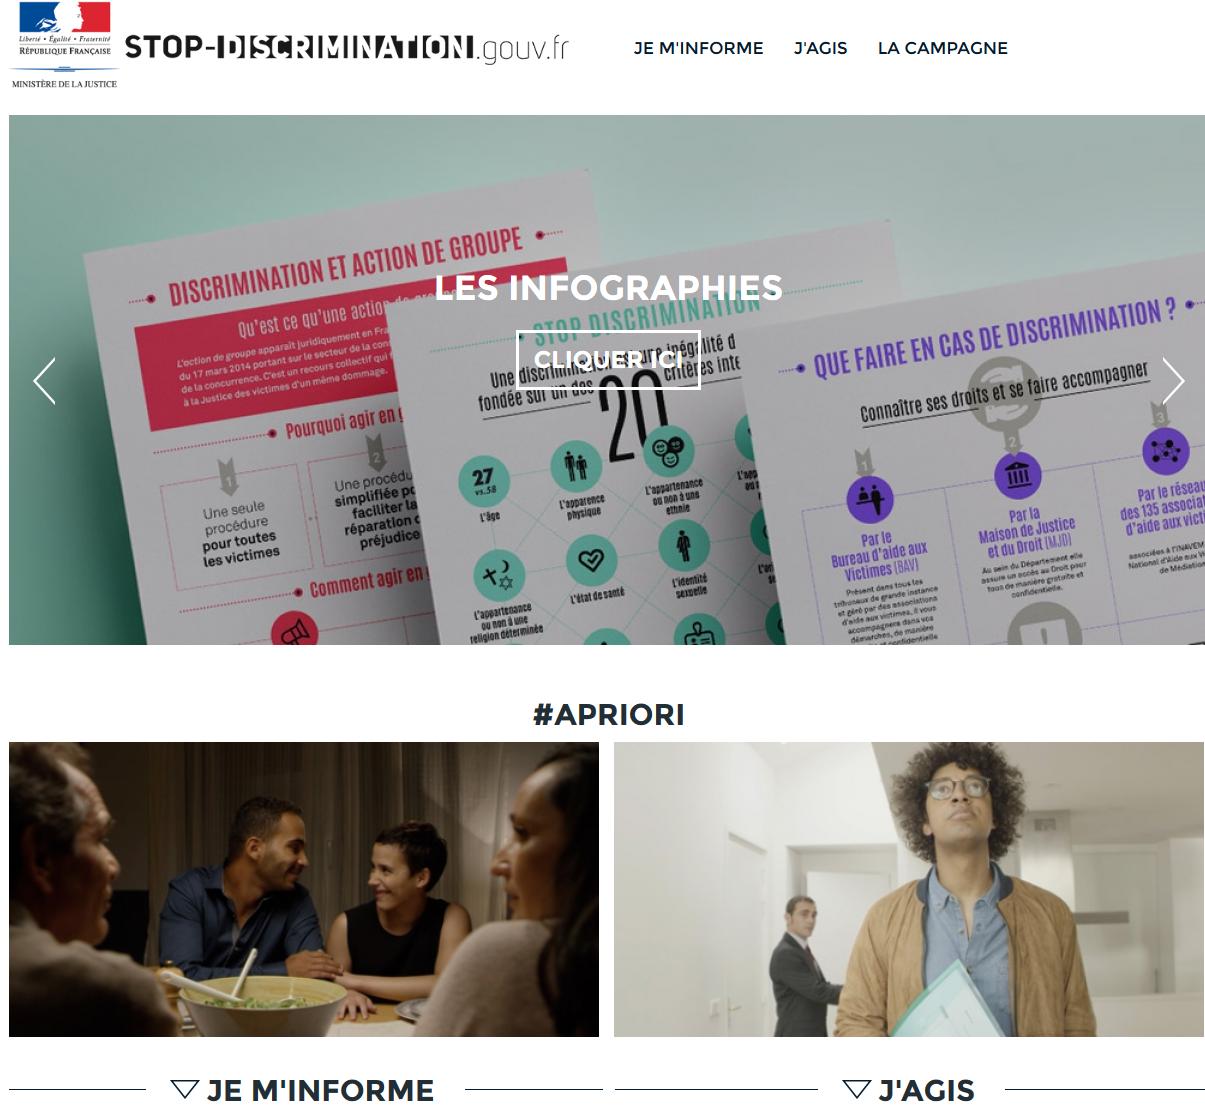 Un site pour lutter contre les dicsriminations lancé